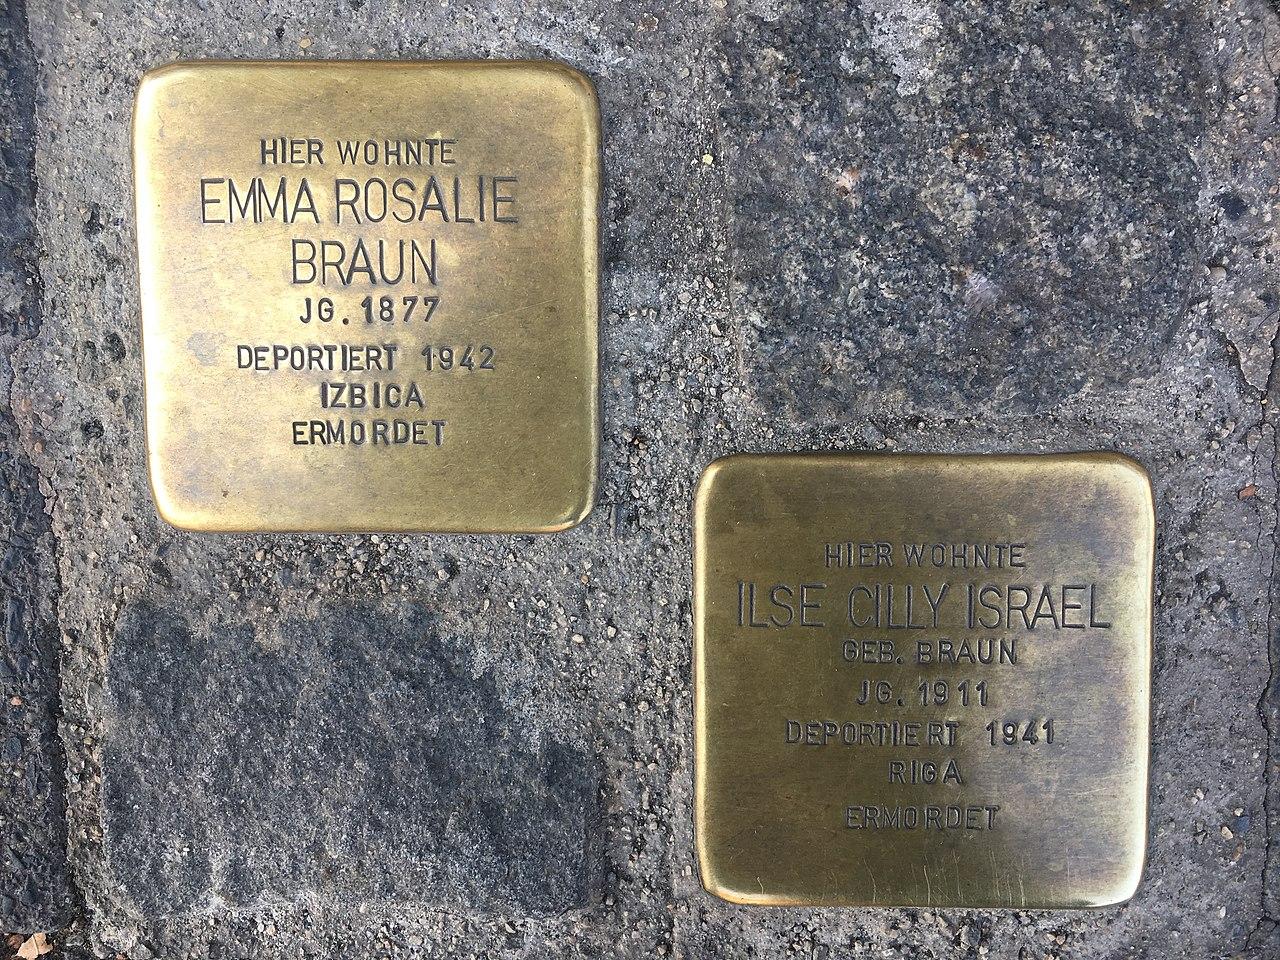 Emma Braun und Ilse Cilly Israel